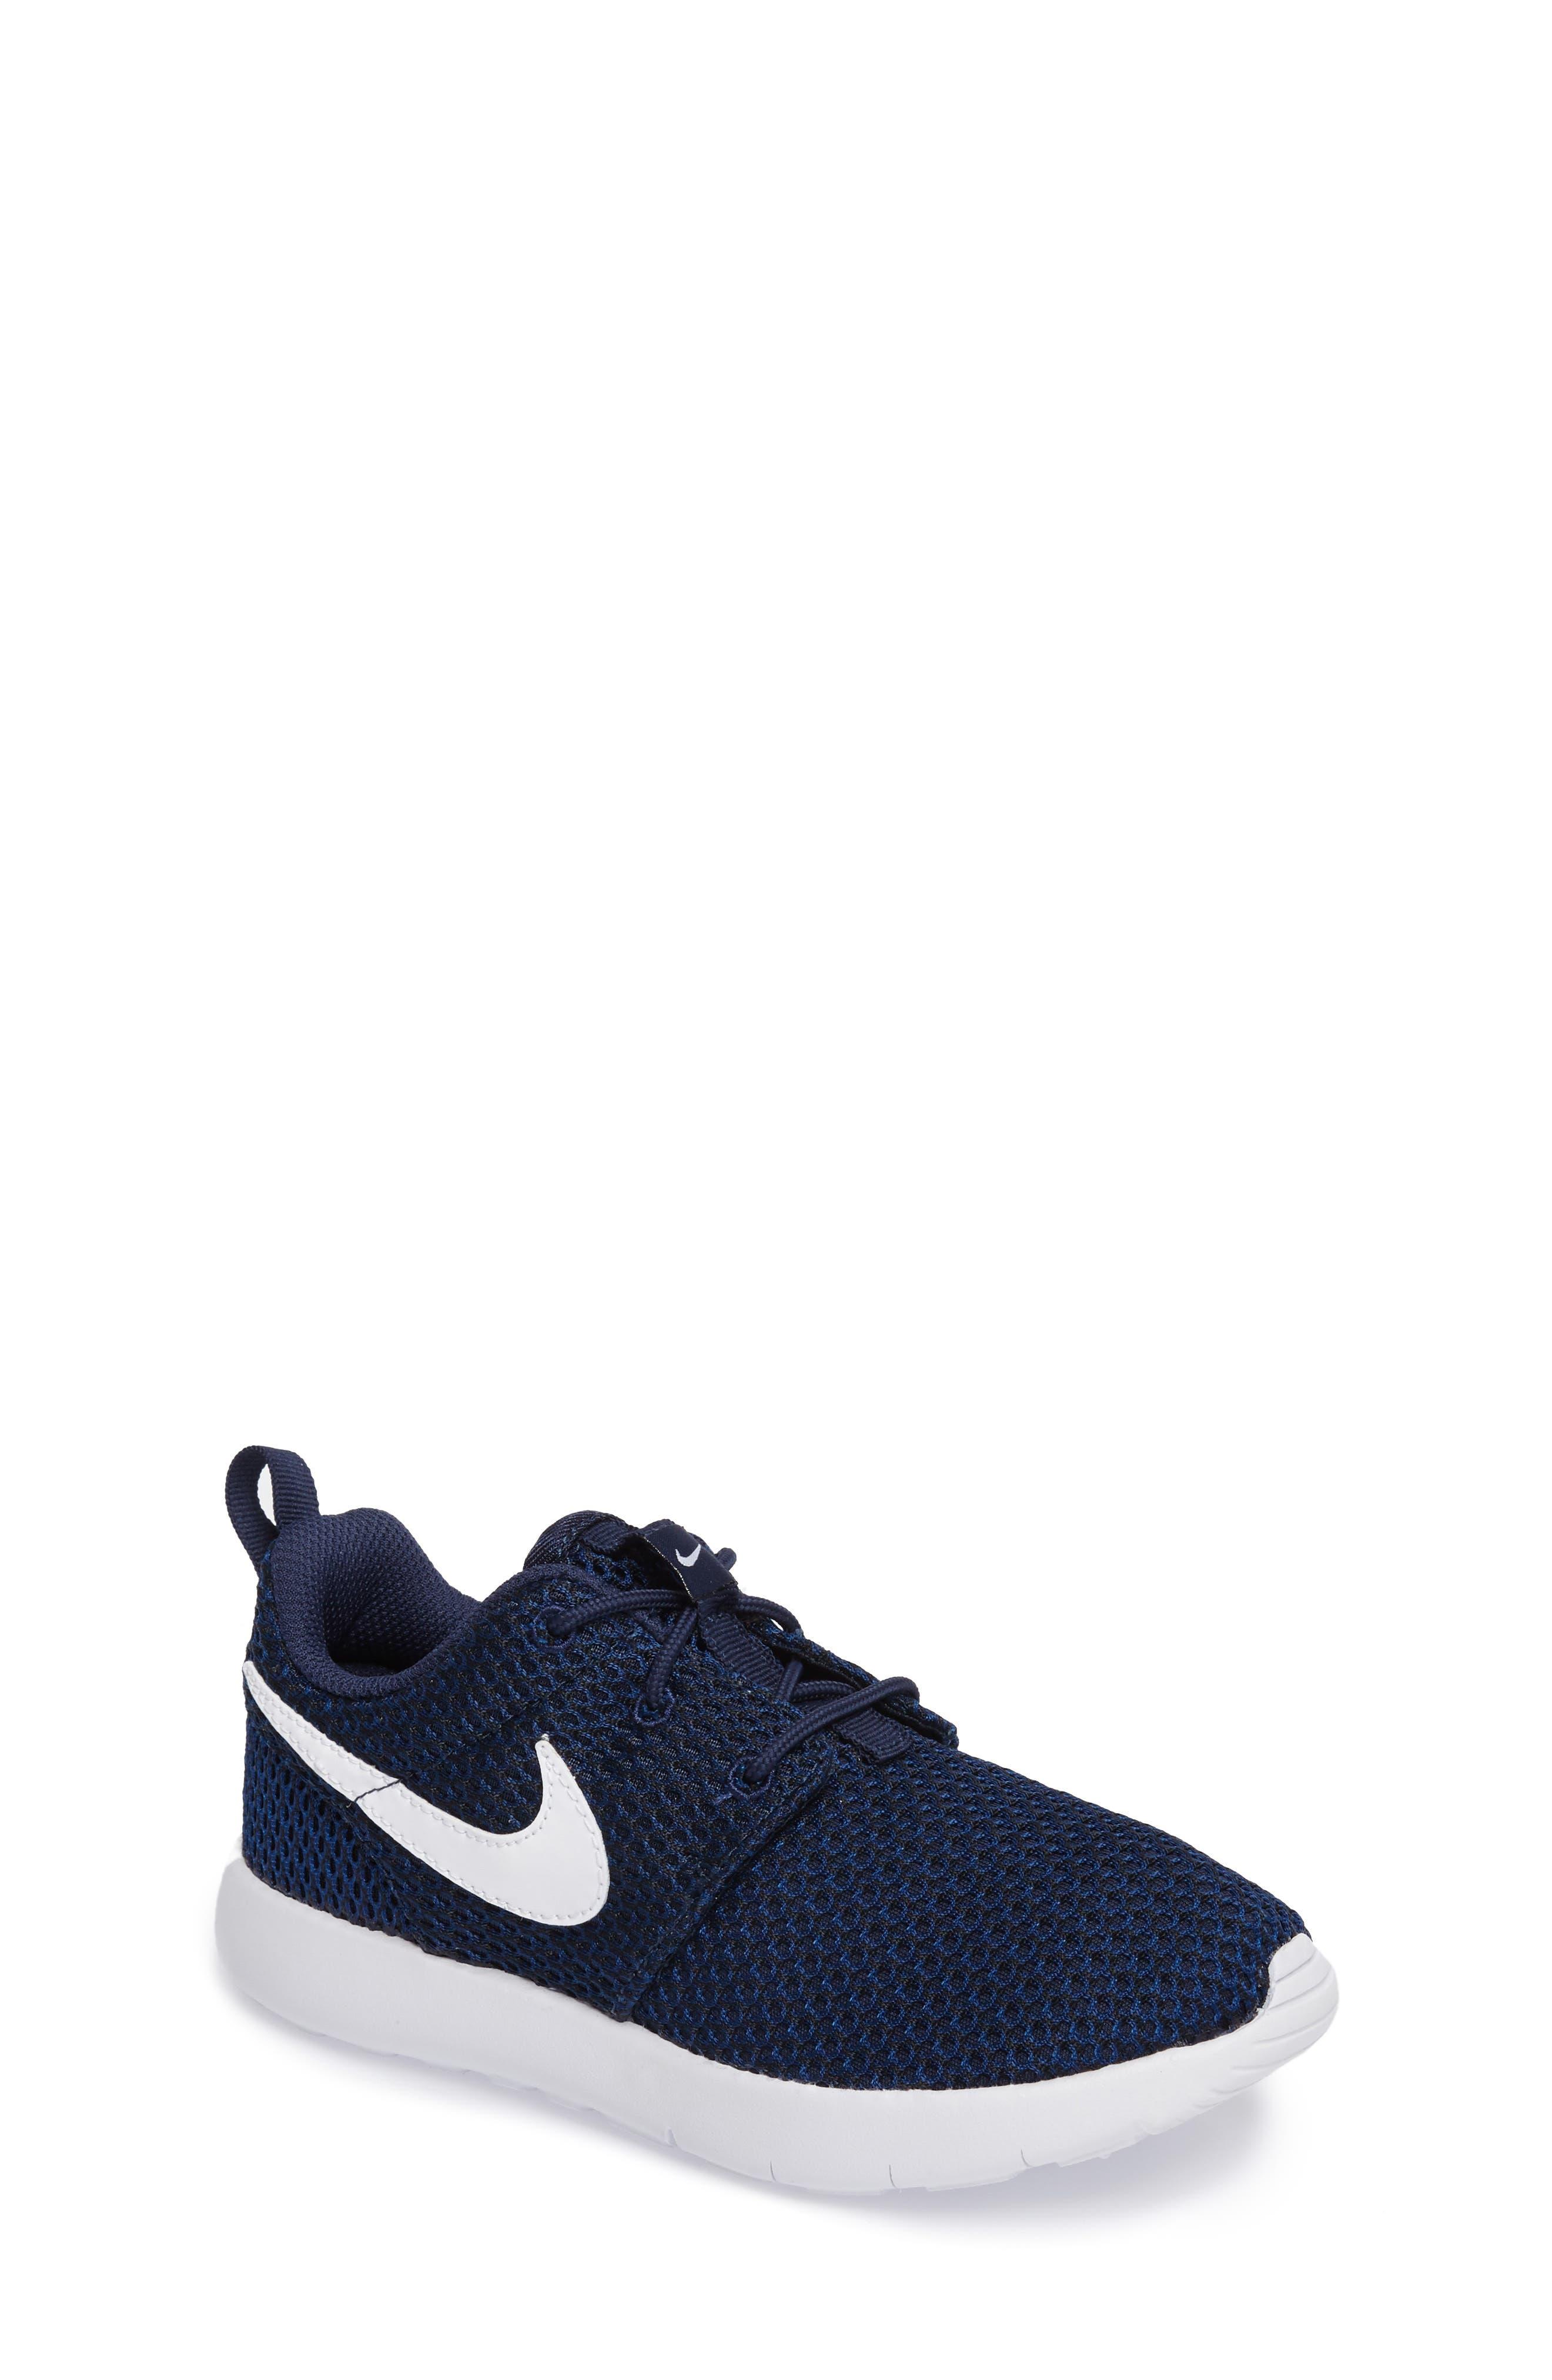 Nike Roshe Run Sneaker (Toddler & Little Kid)